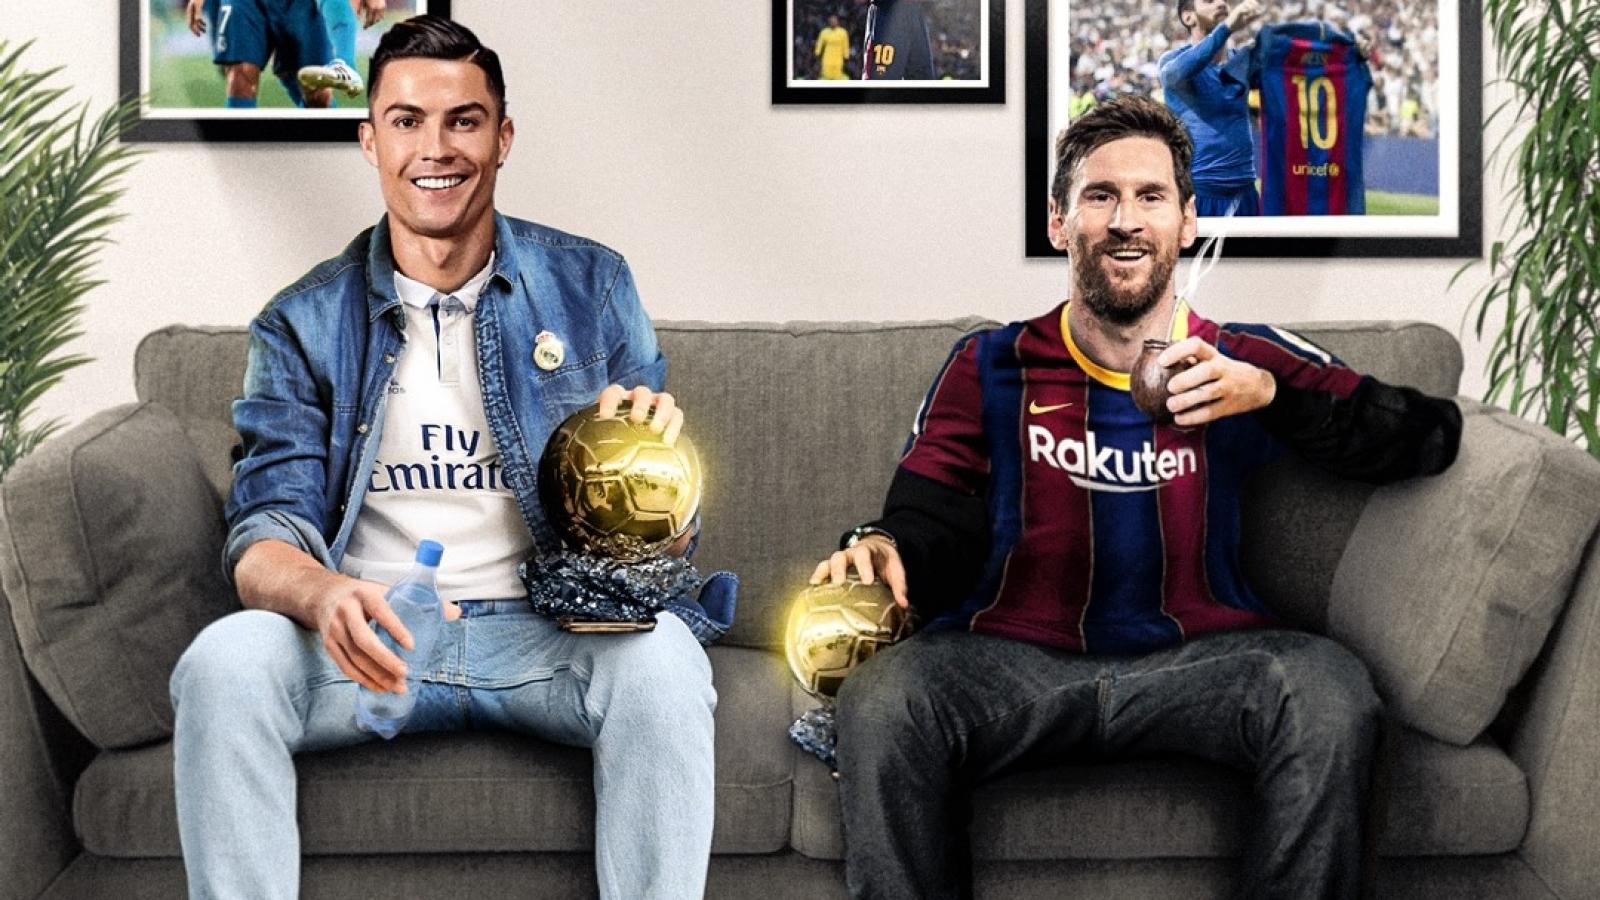 Biếm hoạ 24h: Messi rủ Ronaldo xem El Clasico qua màn ảnh nhỏ